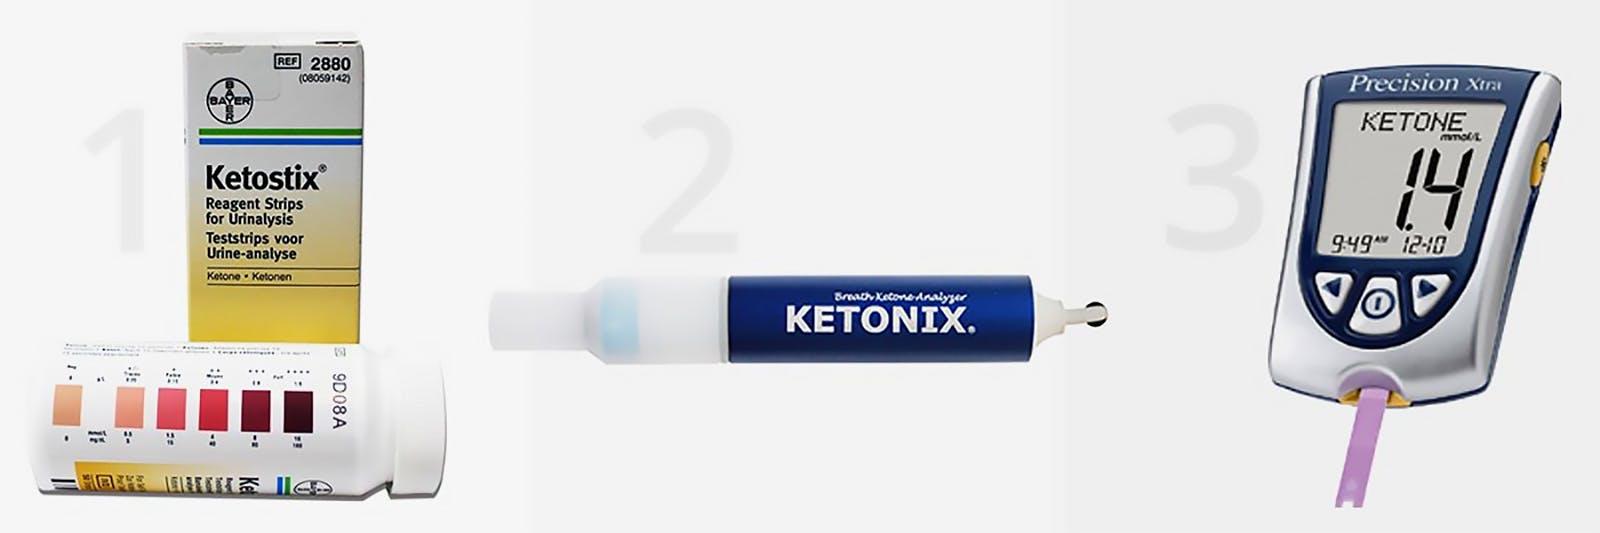 ketone meters